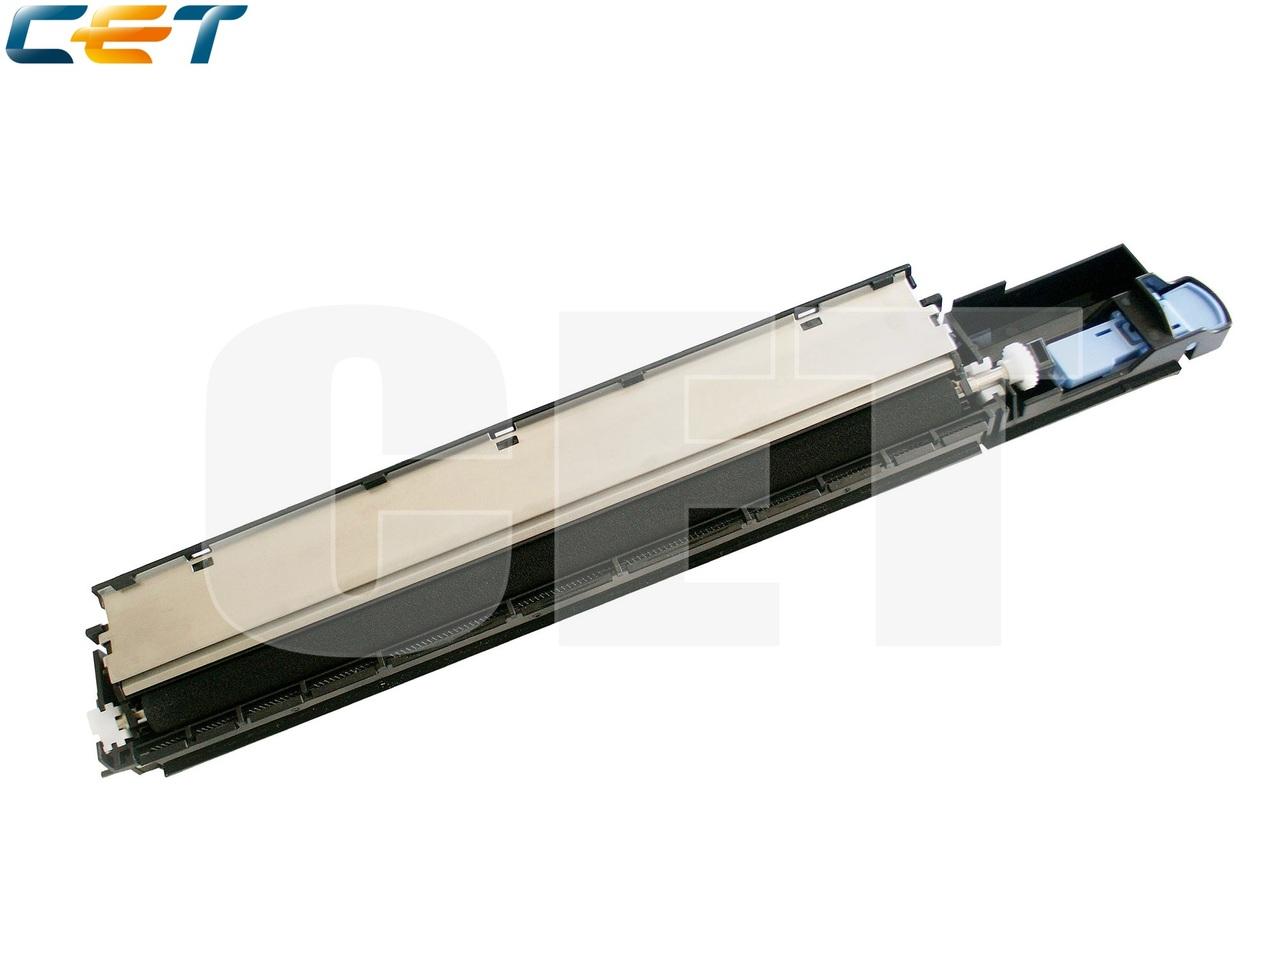 Ролик переноса в сборе RG5-5662-050 для HP LaserJet9000/9040/9050 (CET), CET6599